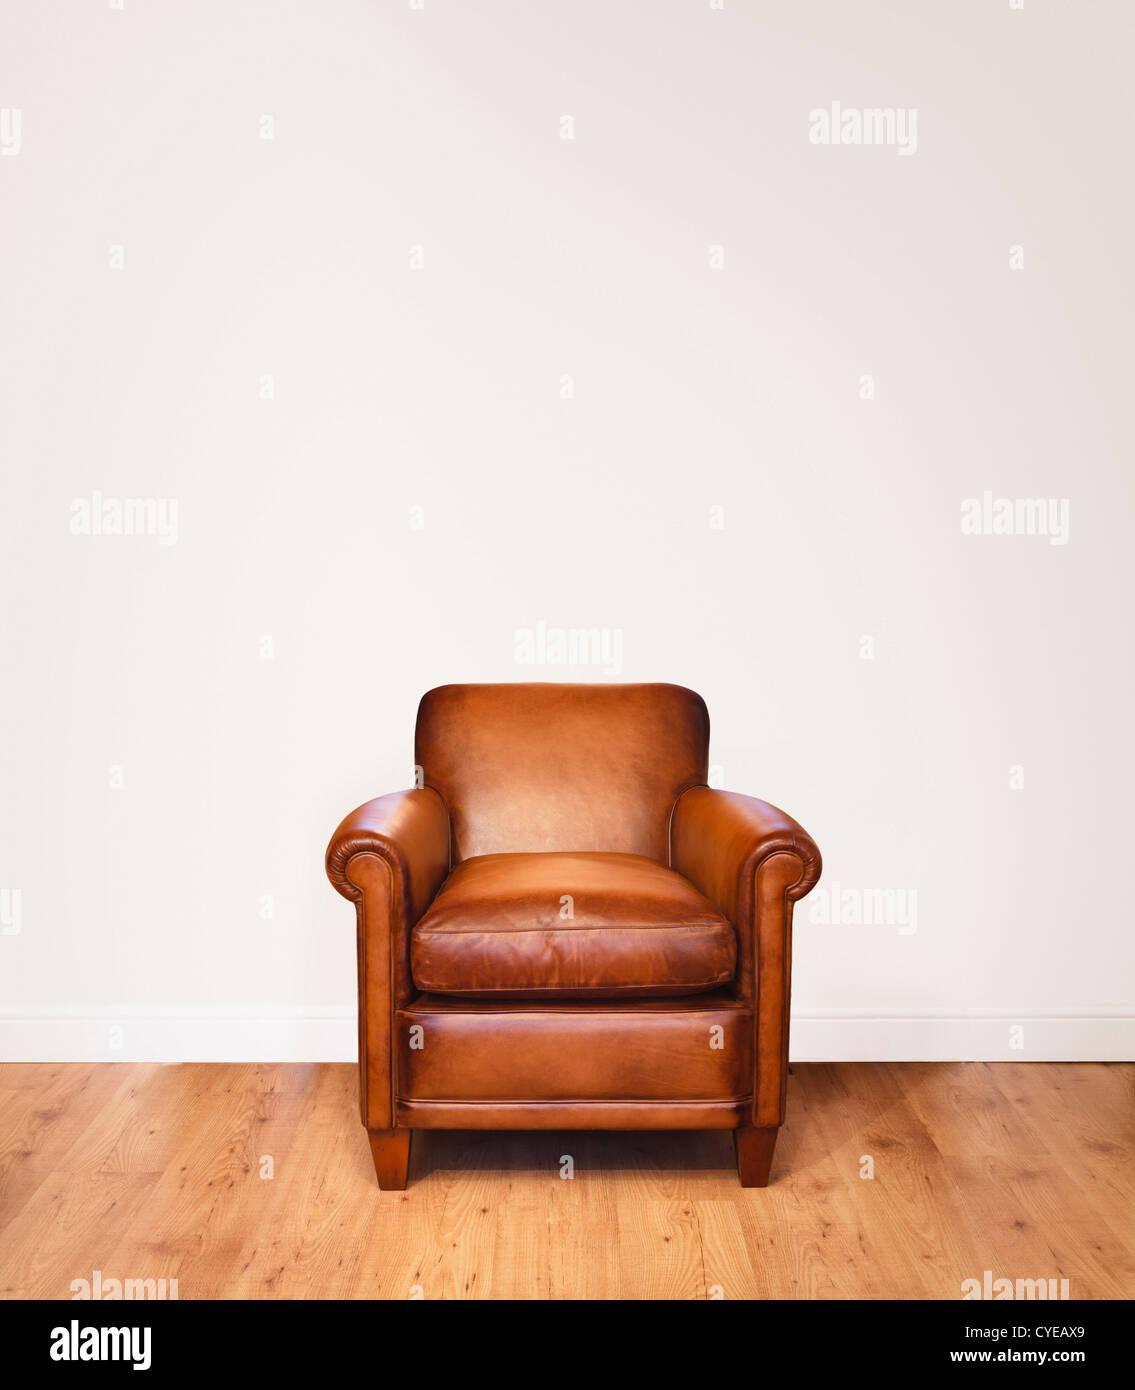 Poltrona in pelle su un pavimento di legno contro uno sfondo bianco con un sacco di spazio per la copia. La parete Immagini Stock